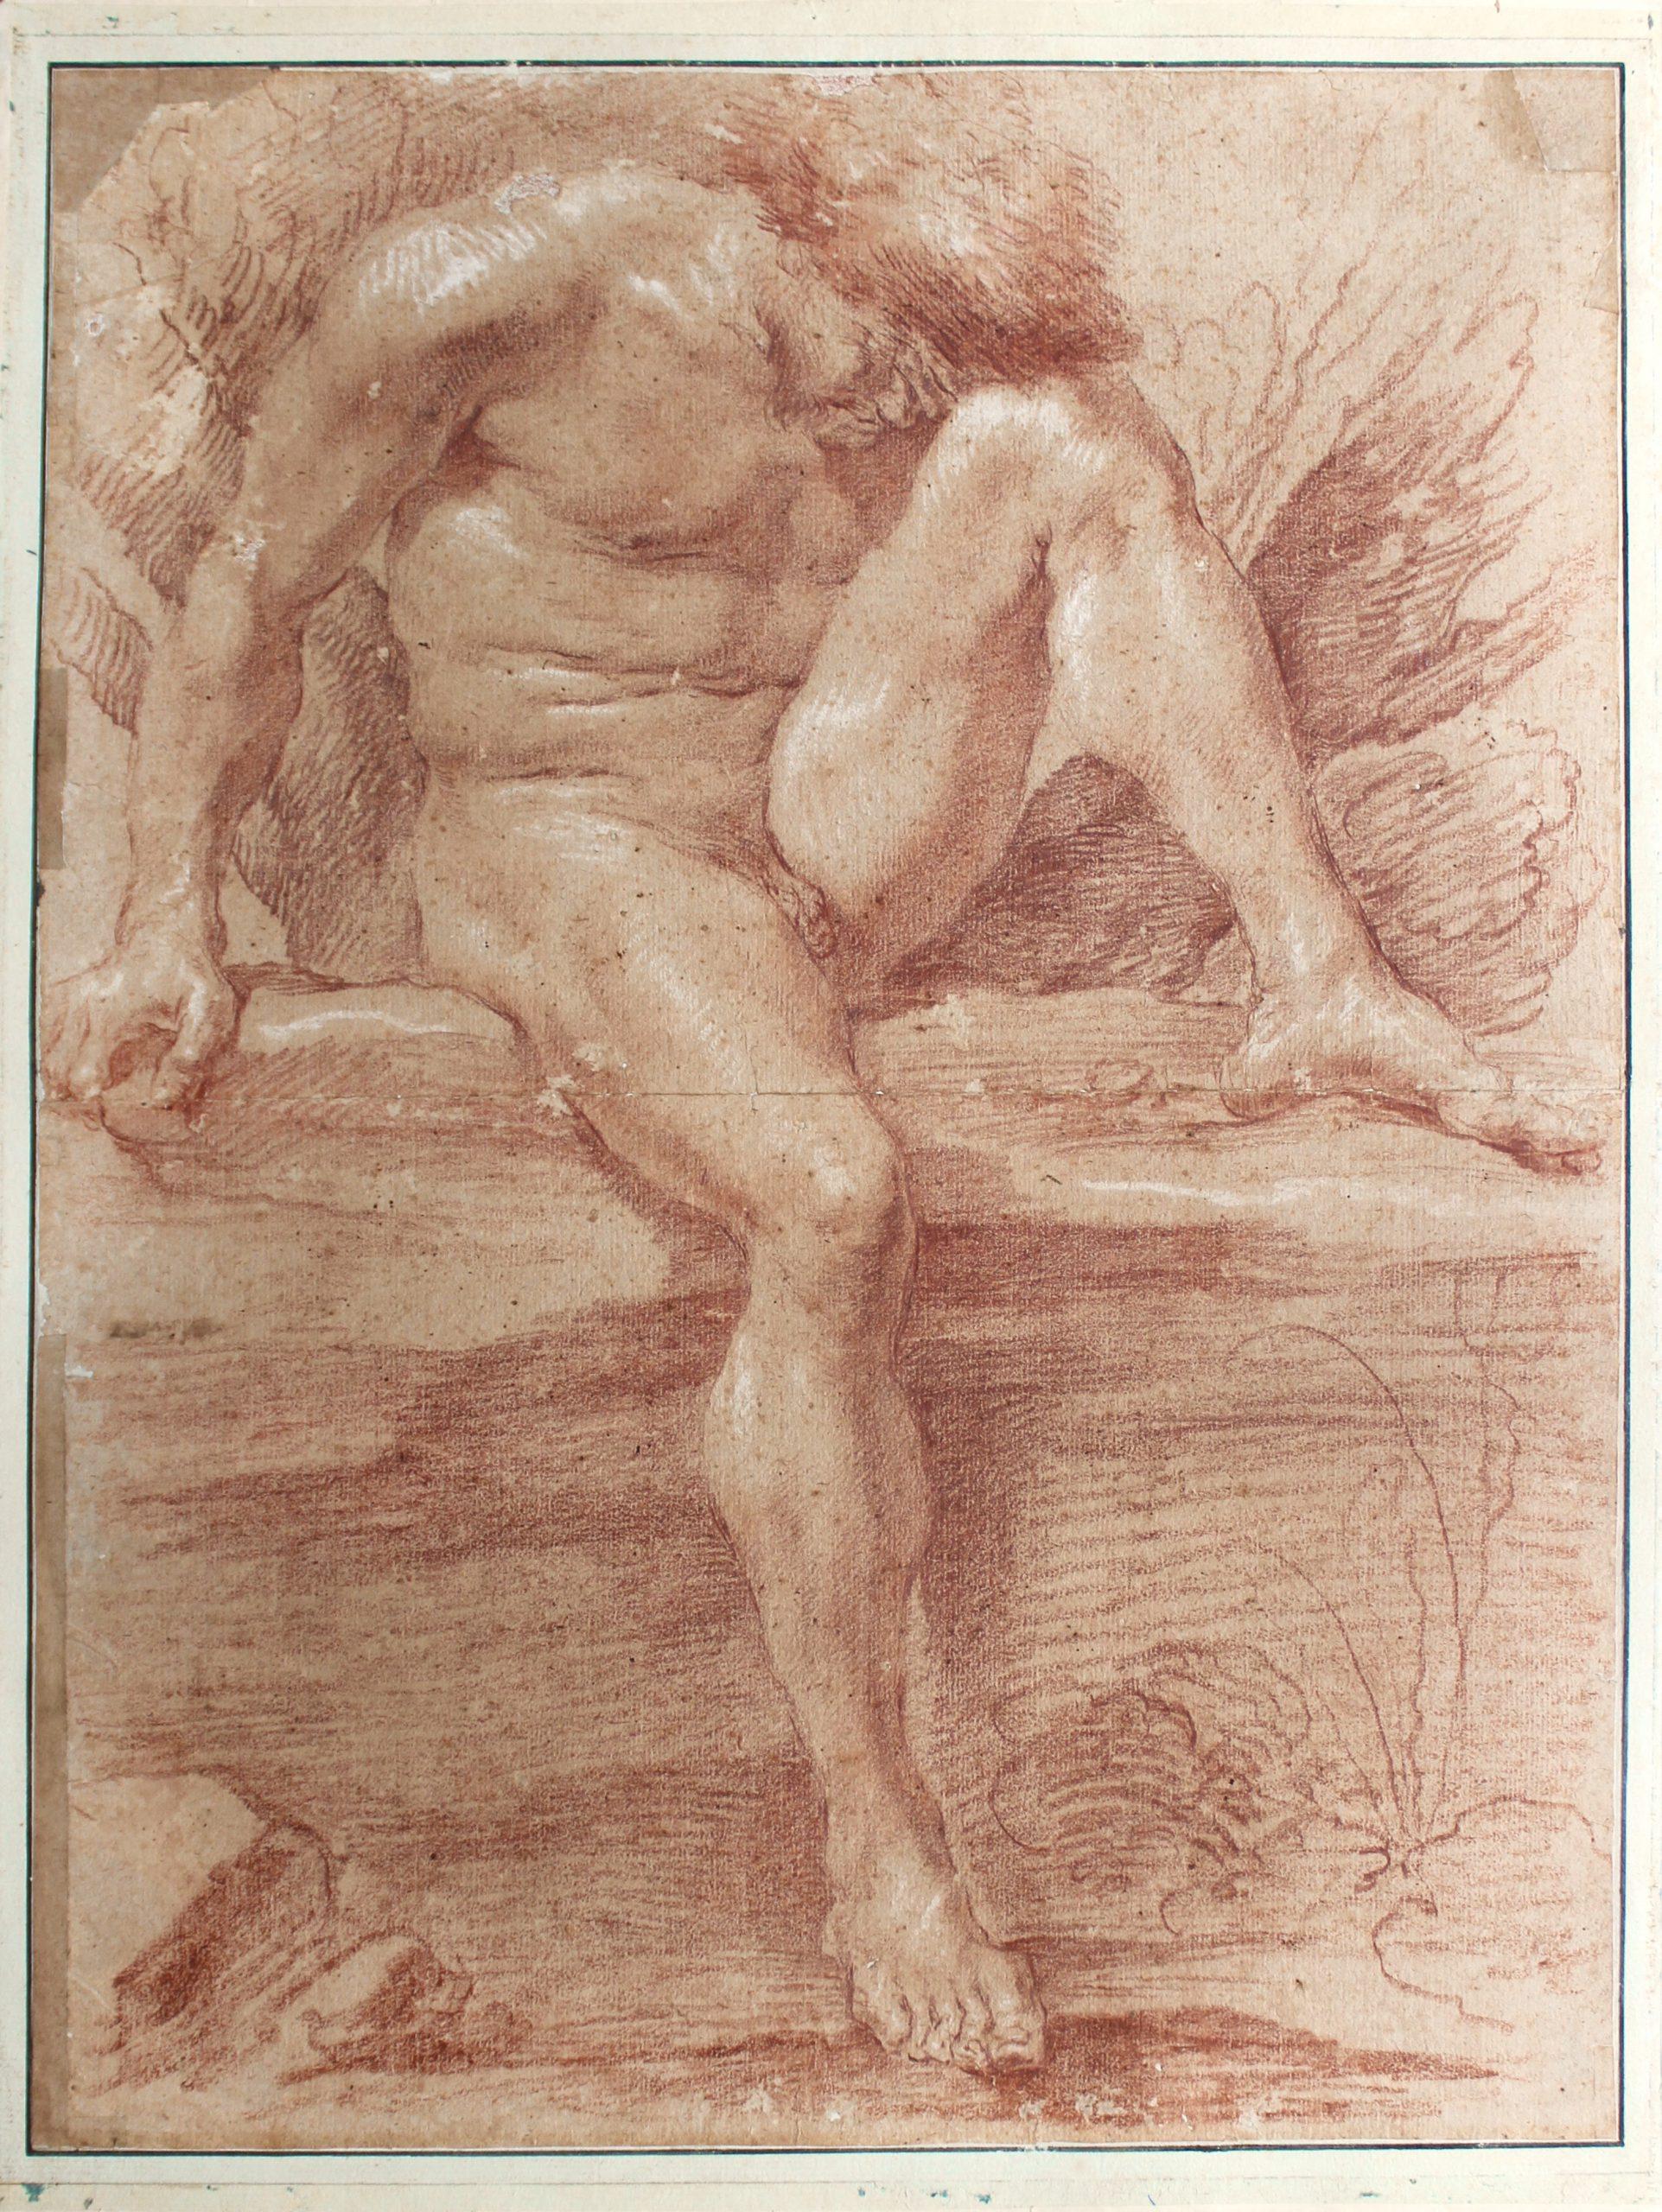 Un dibujo de Bernini vendido por un récord de $us 2,27 millones en una  subasta en Francia - La Razón | Noticias de Bolivia y el Mundo